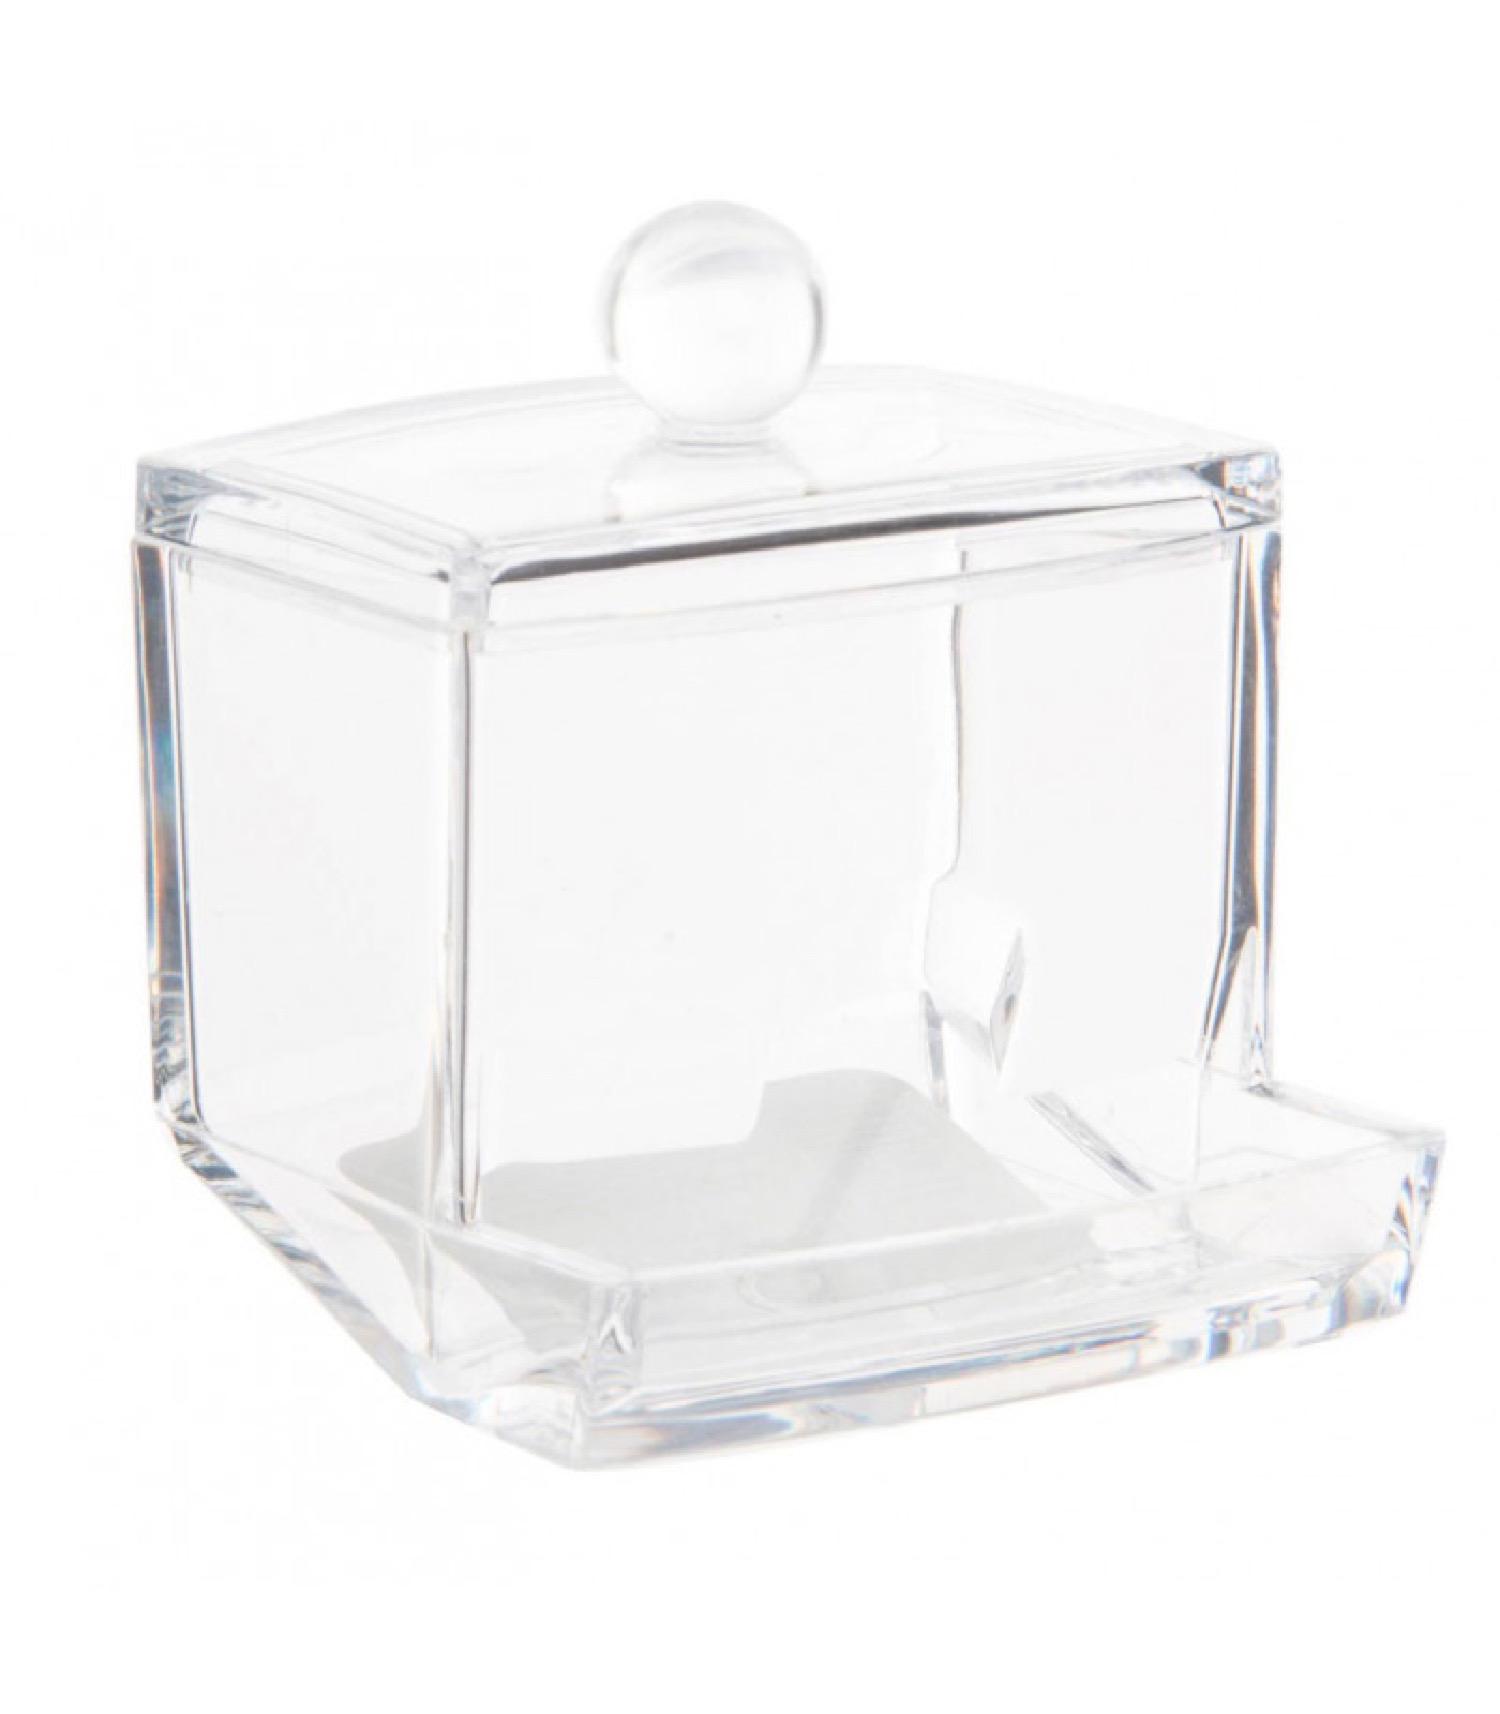 Distributeur de coton-tiges en acrylique transparent